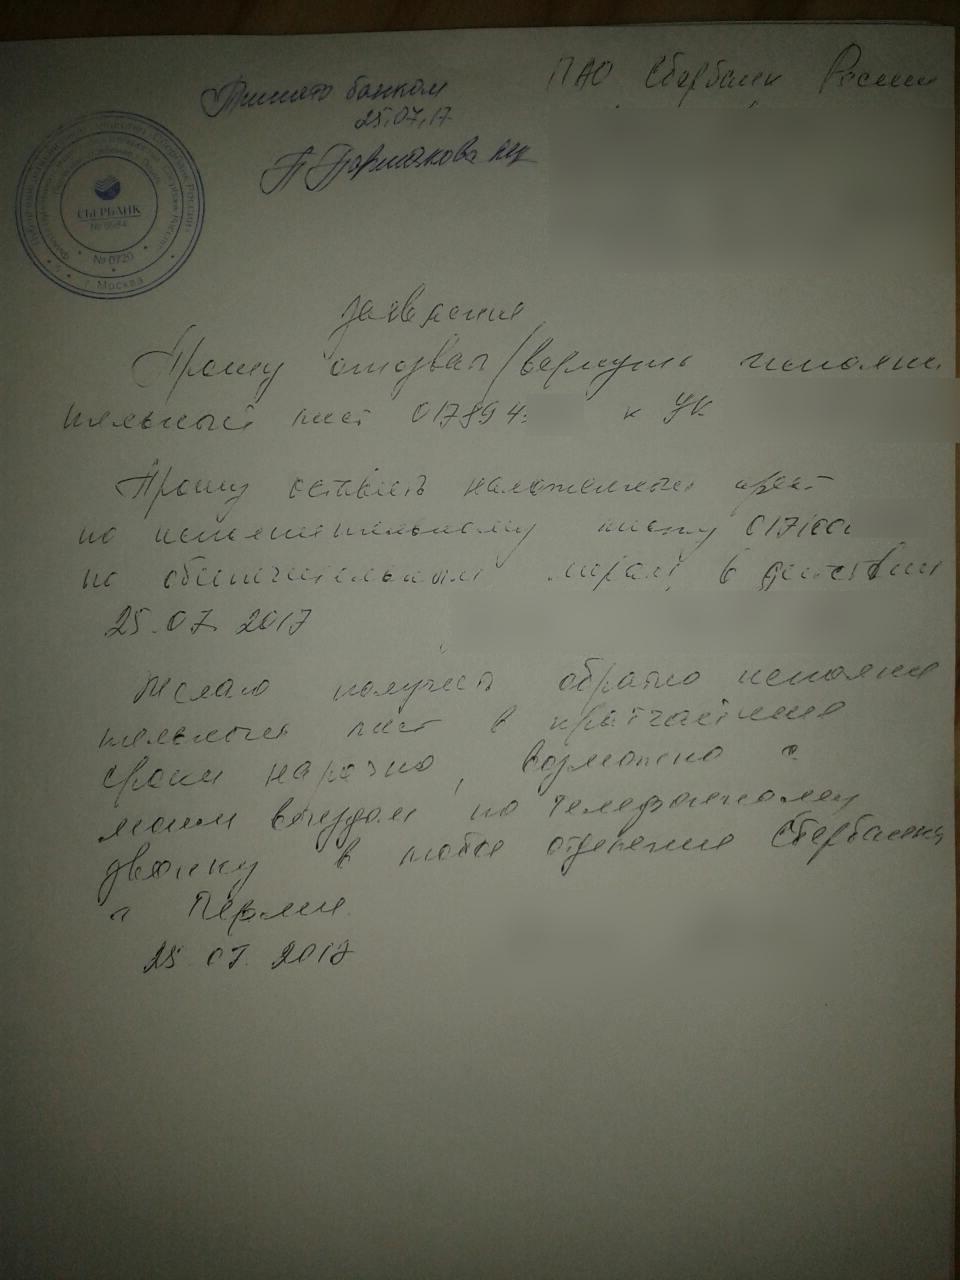 Мосгорсуд кассация по гражданским делам канцелярия телефон